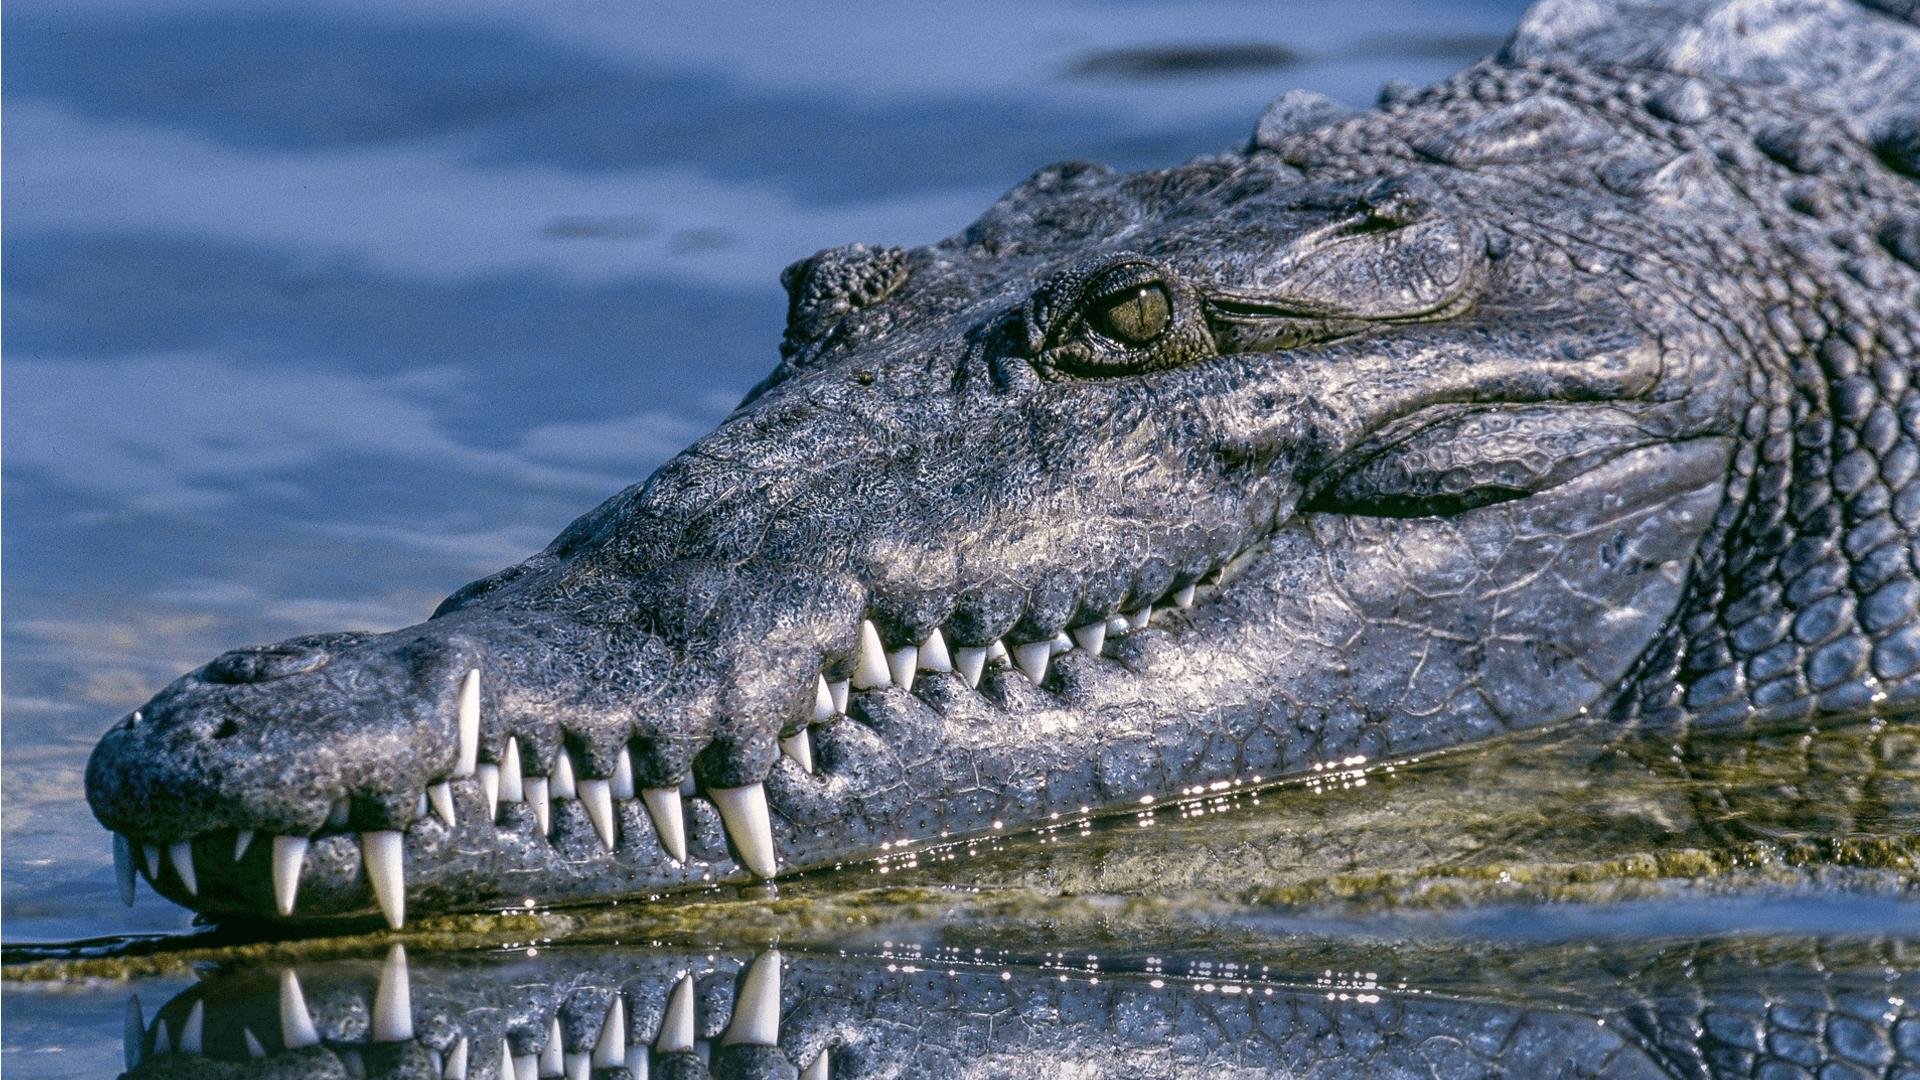 Das Tier mit den meisten Zähnen